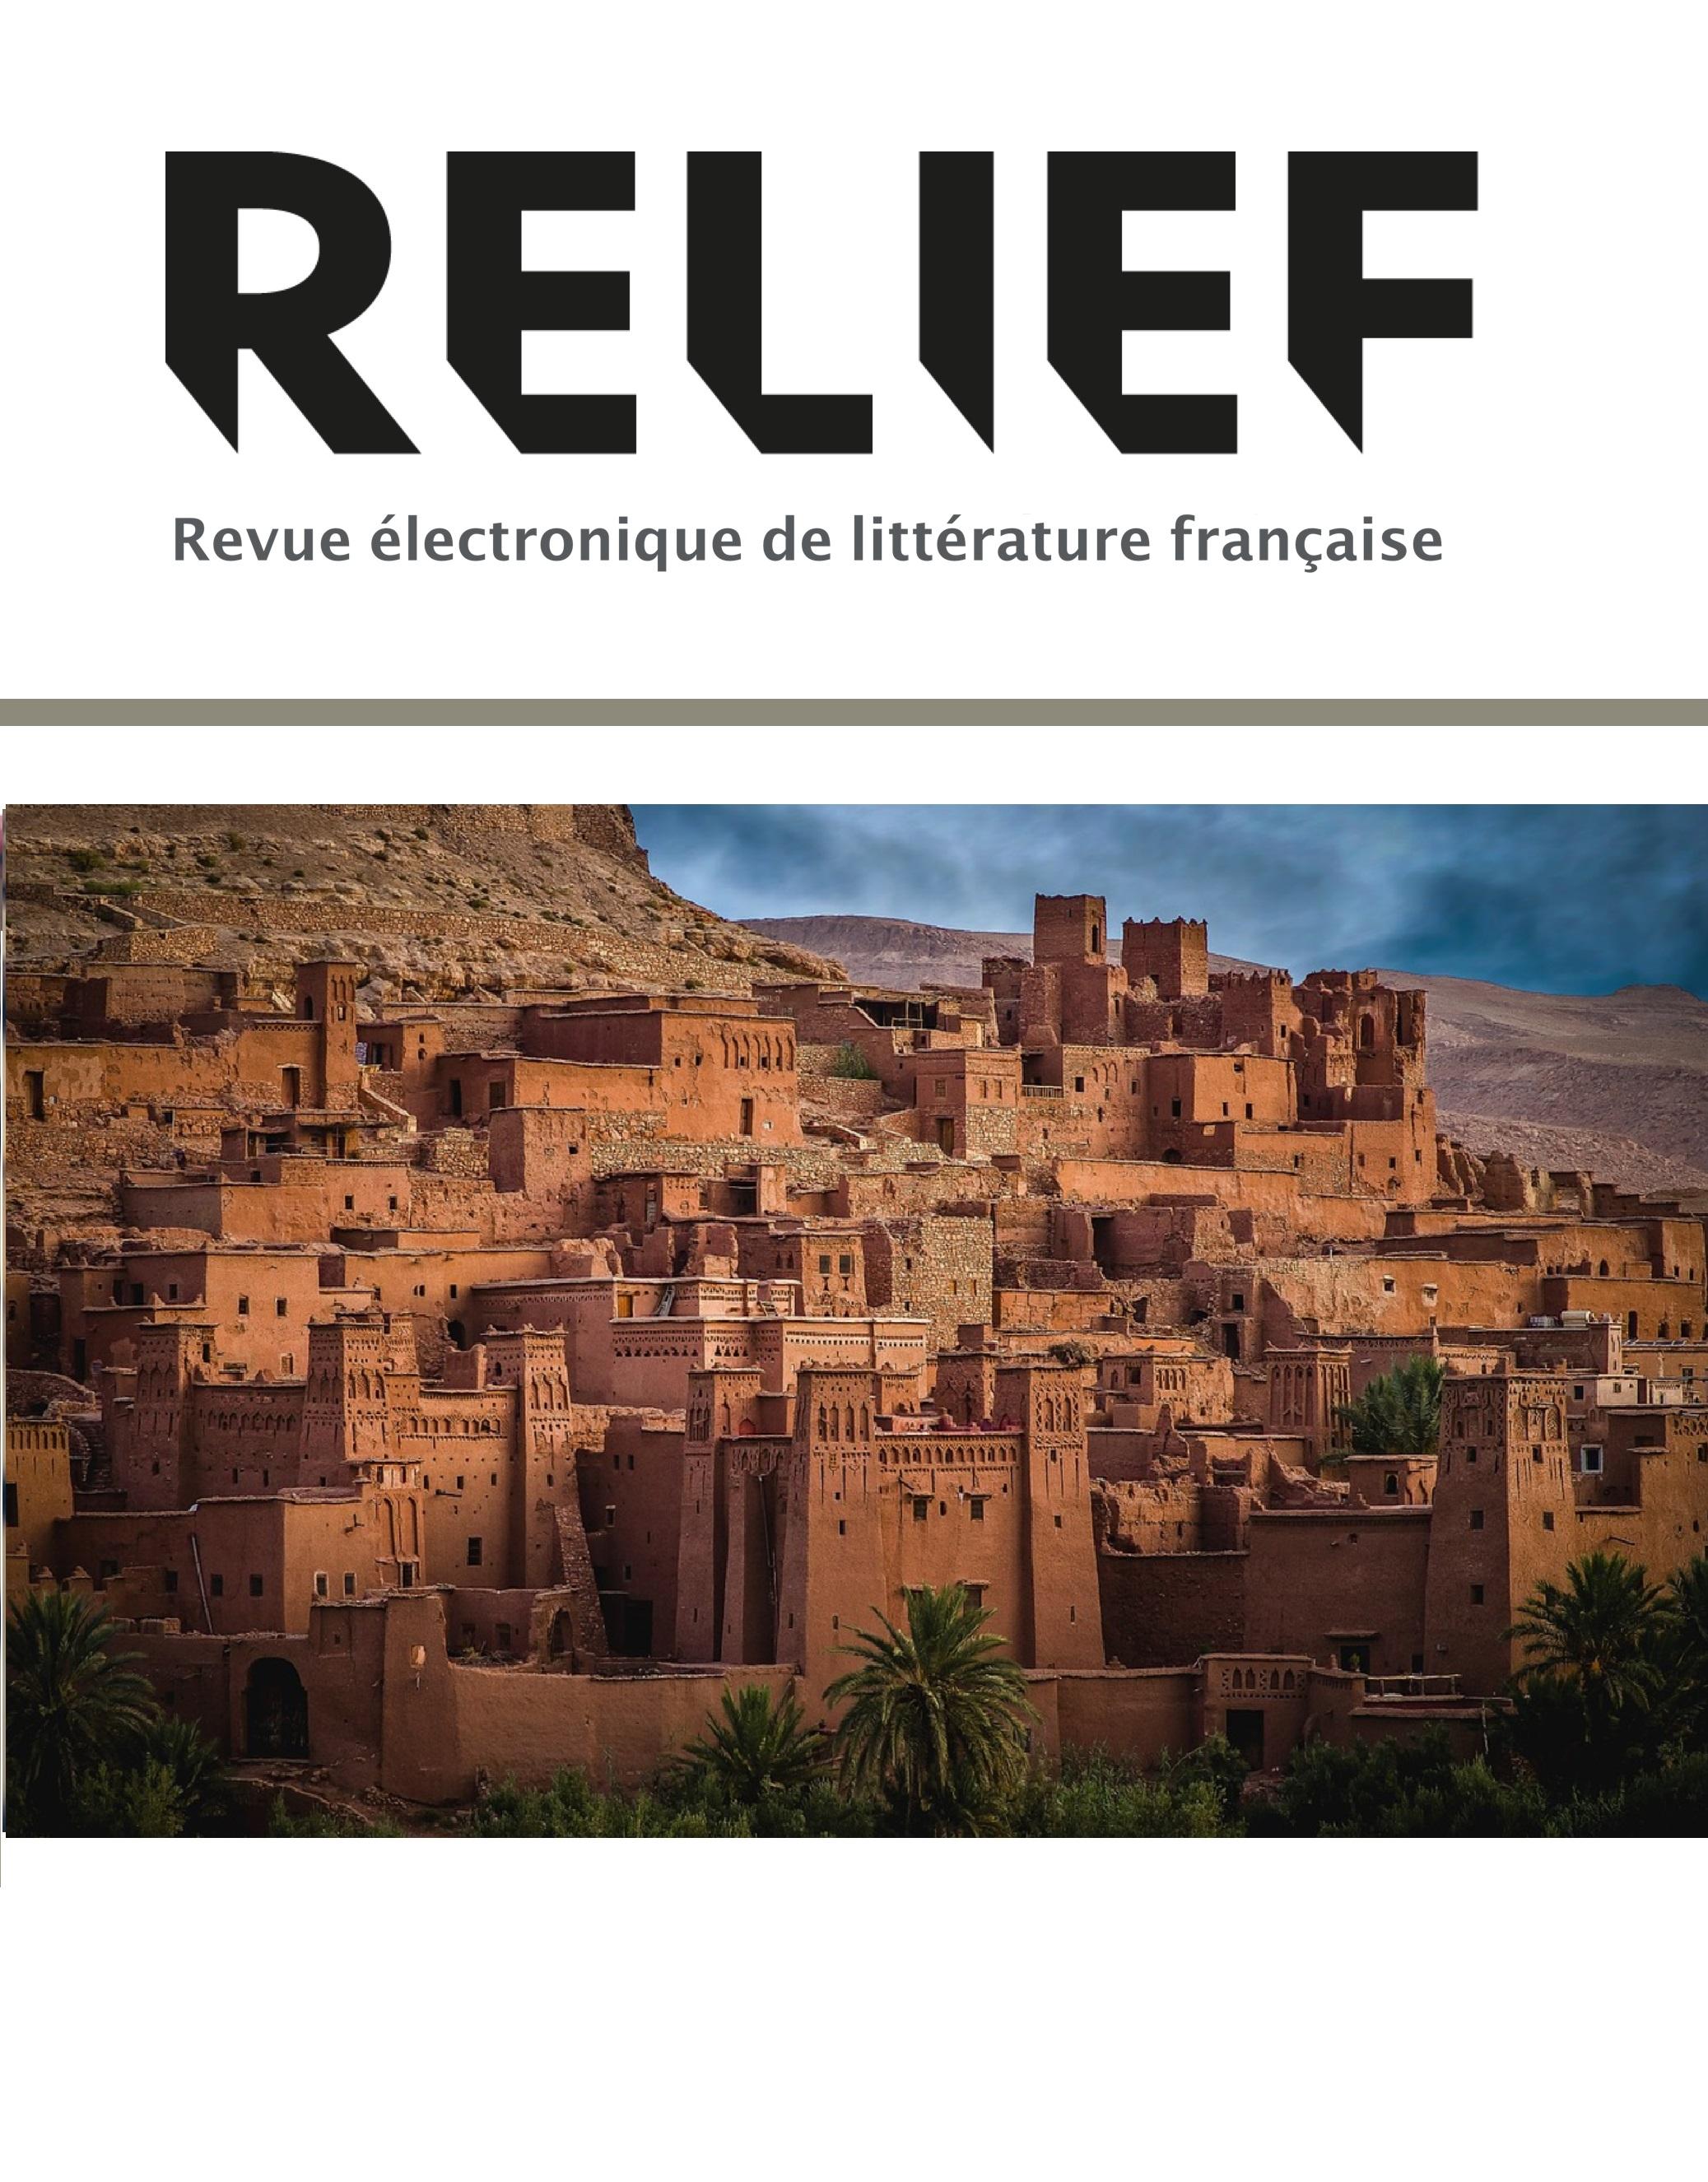 Afficher Vol. 14 No. 1 (2020): Écritures francophones du Maroc contemporain